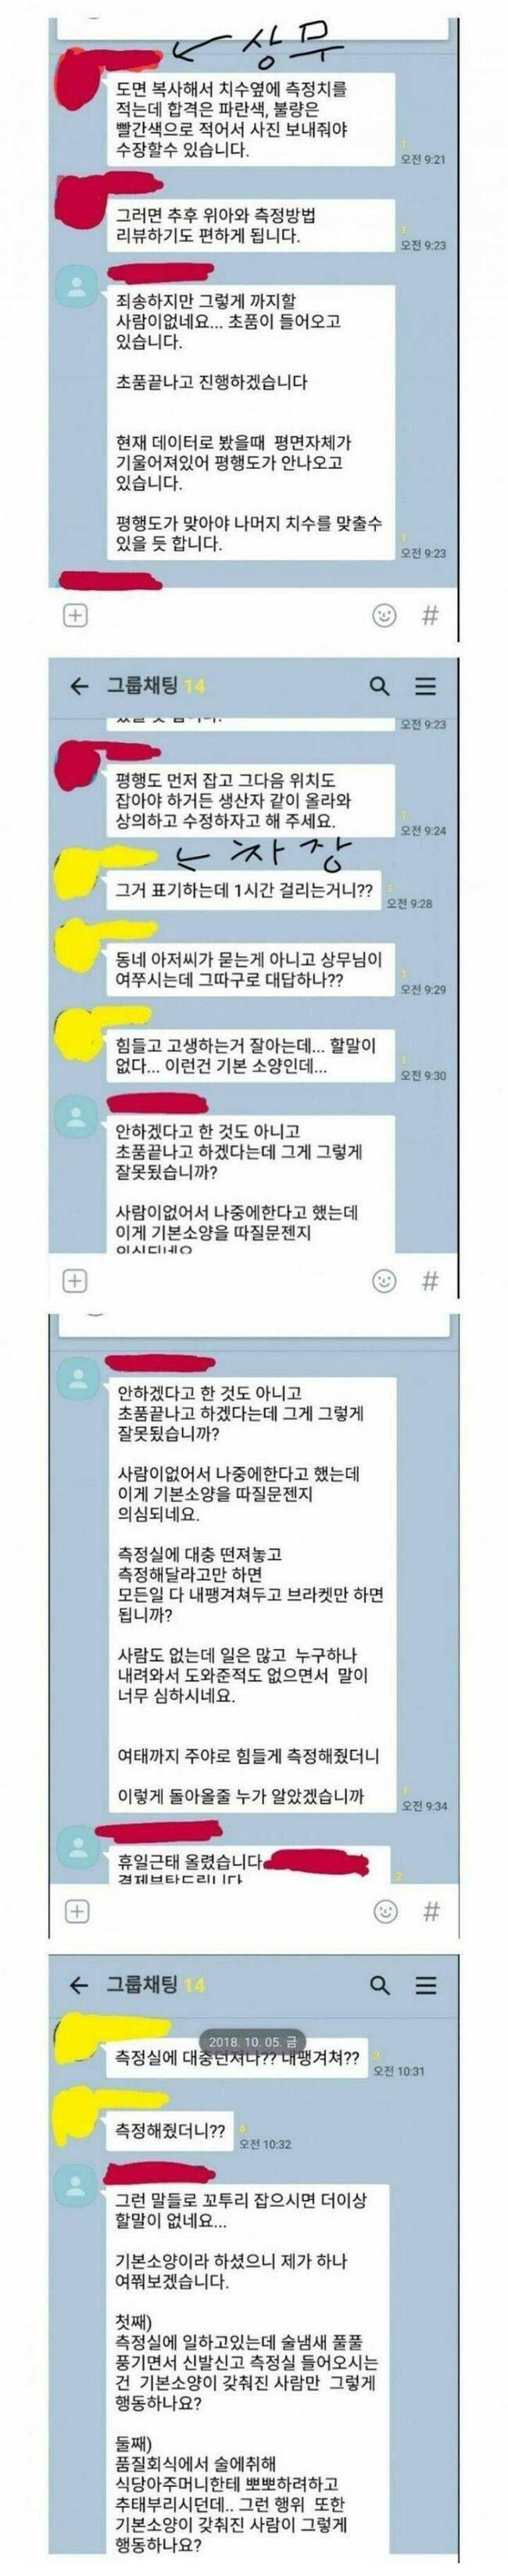 11.jpg 짤릴 각오하고 한마디하는 사원 (feat.단톡방)